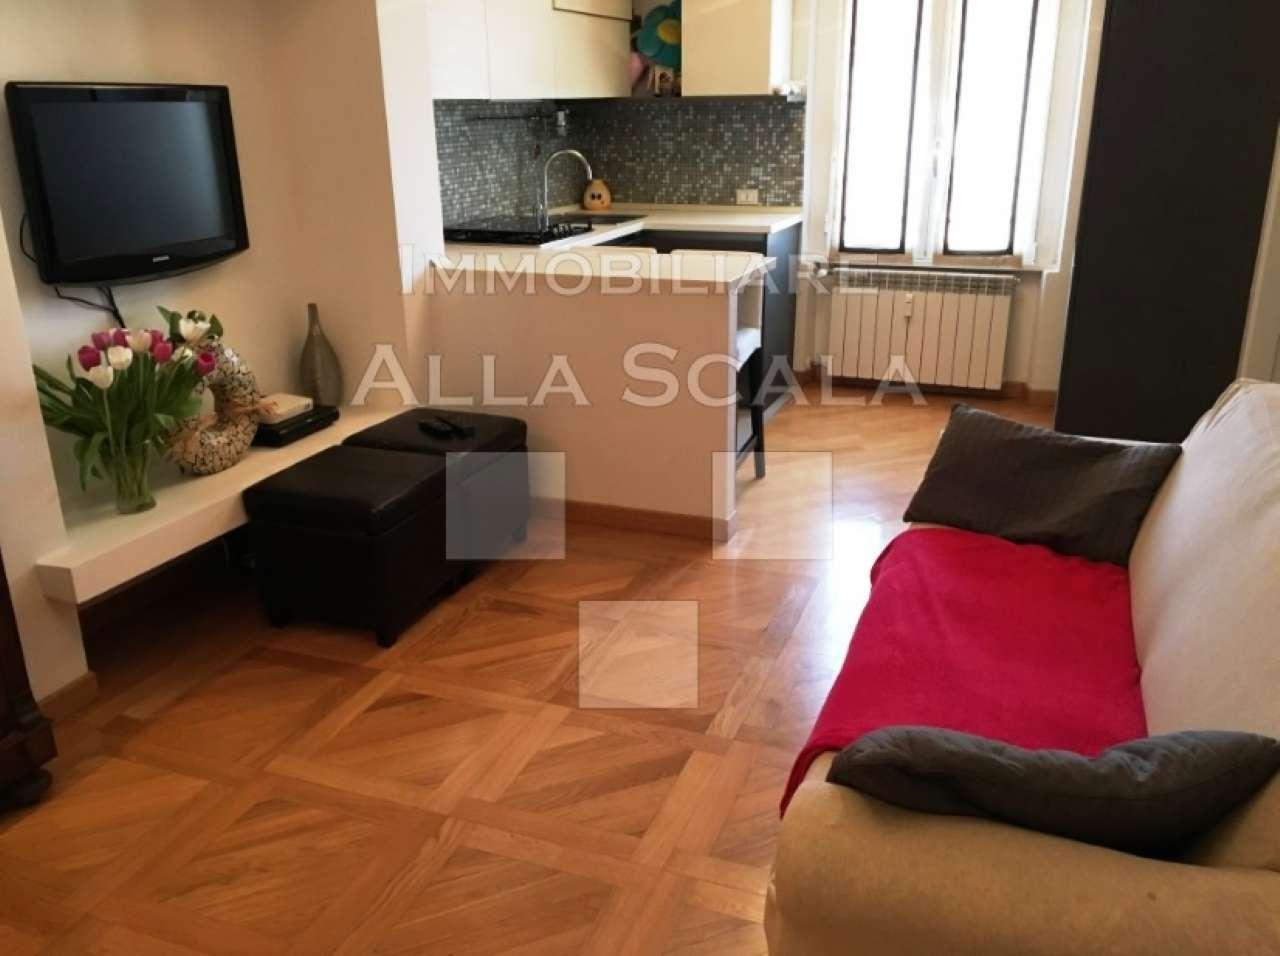 Appartamento in affitto a Milano, 3 locali, zona Zona: 1 . Centro Storico, Duomo, Brera, Cadorna, Cattolica, prezzo € 1.200   CambioCasa.it